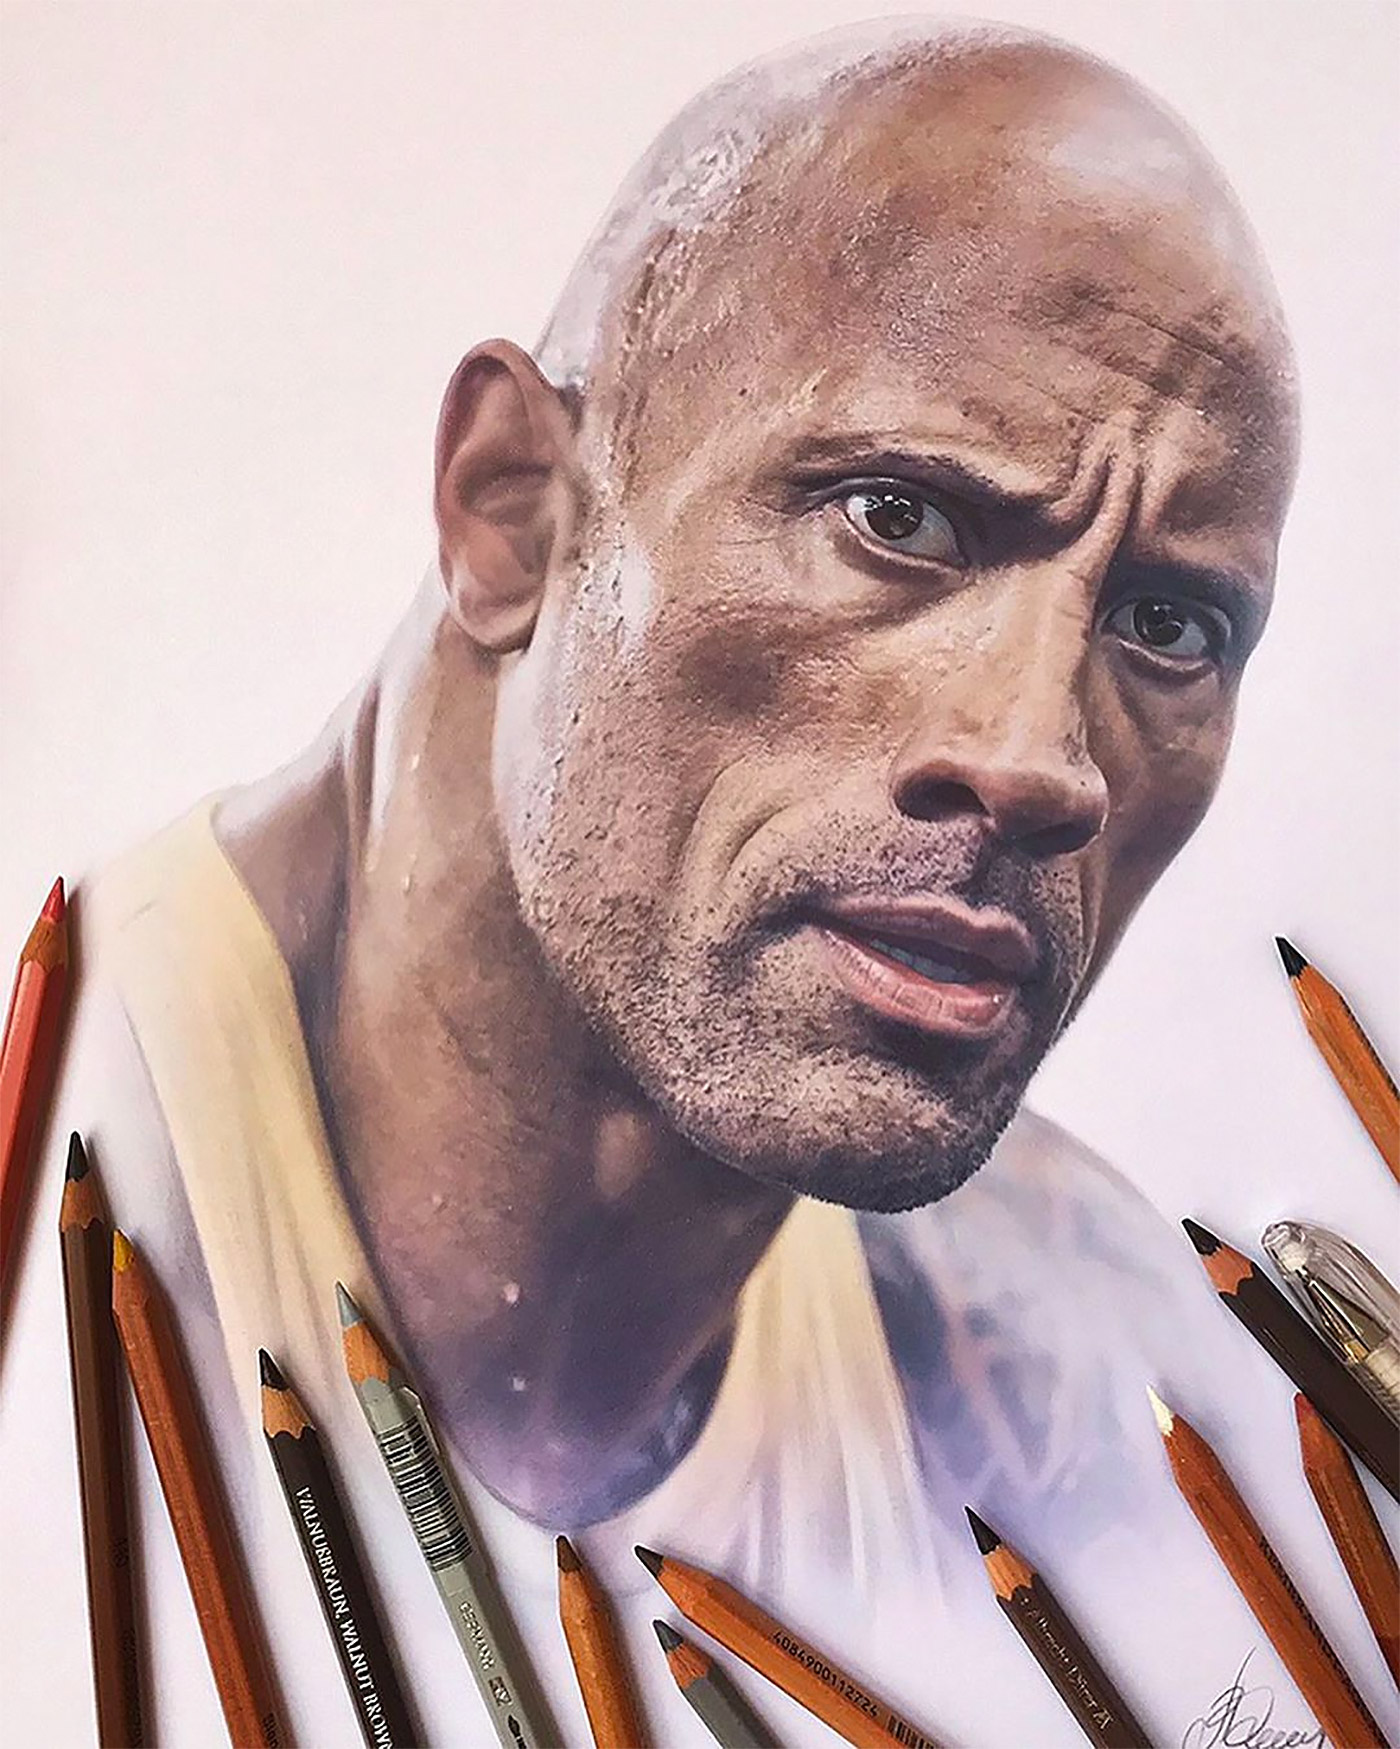 Hyper-Realistic Pencil Drawings By Alena Litvin